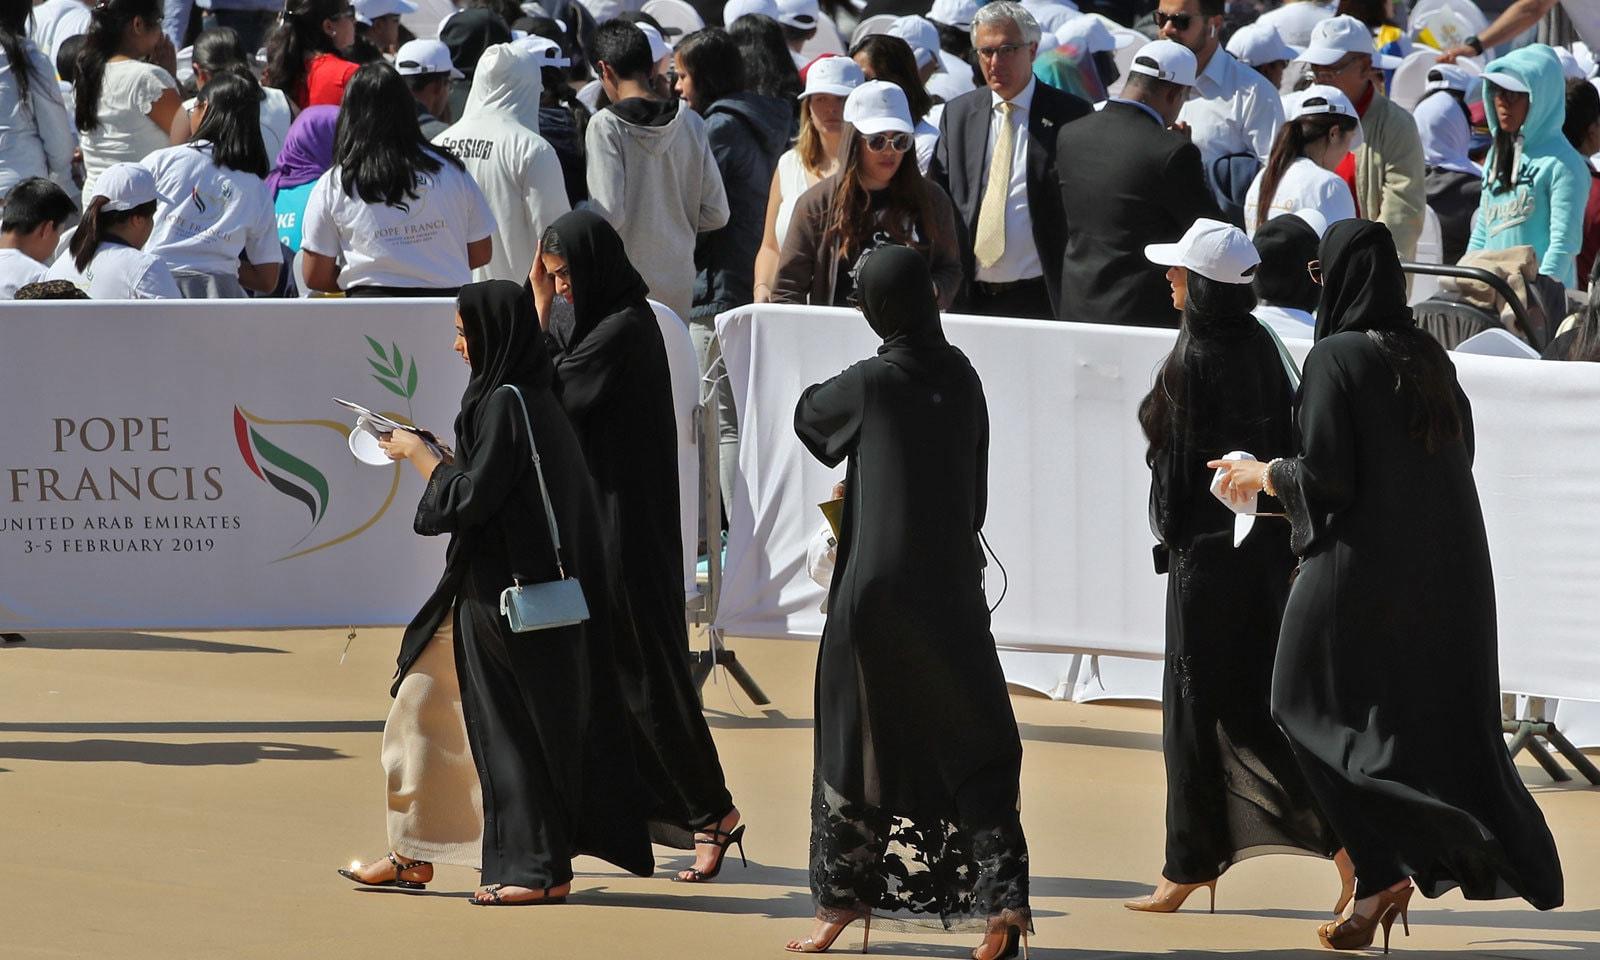 اماراتی خواتین کیتھولک اجتماع میں شرکت کے لیے زید اسپورٹس سٹی اسٹیڈیم آرہی ہیں — فوٹو: اے ایف پی